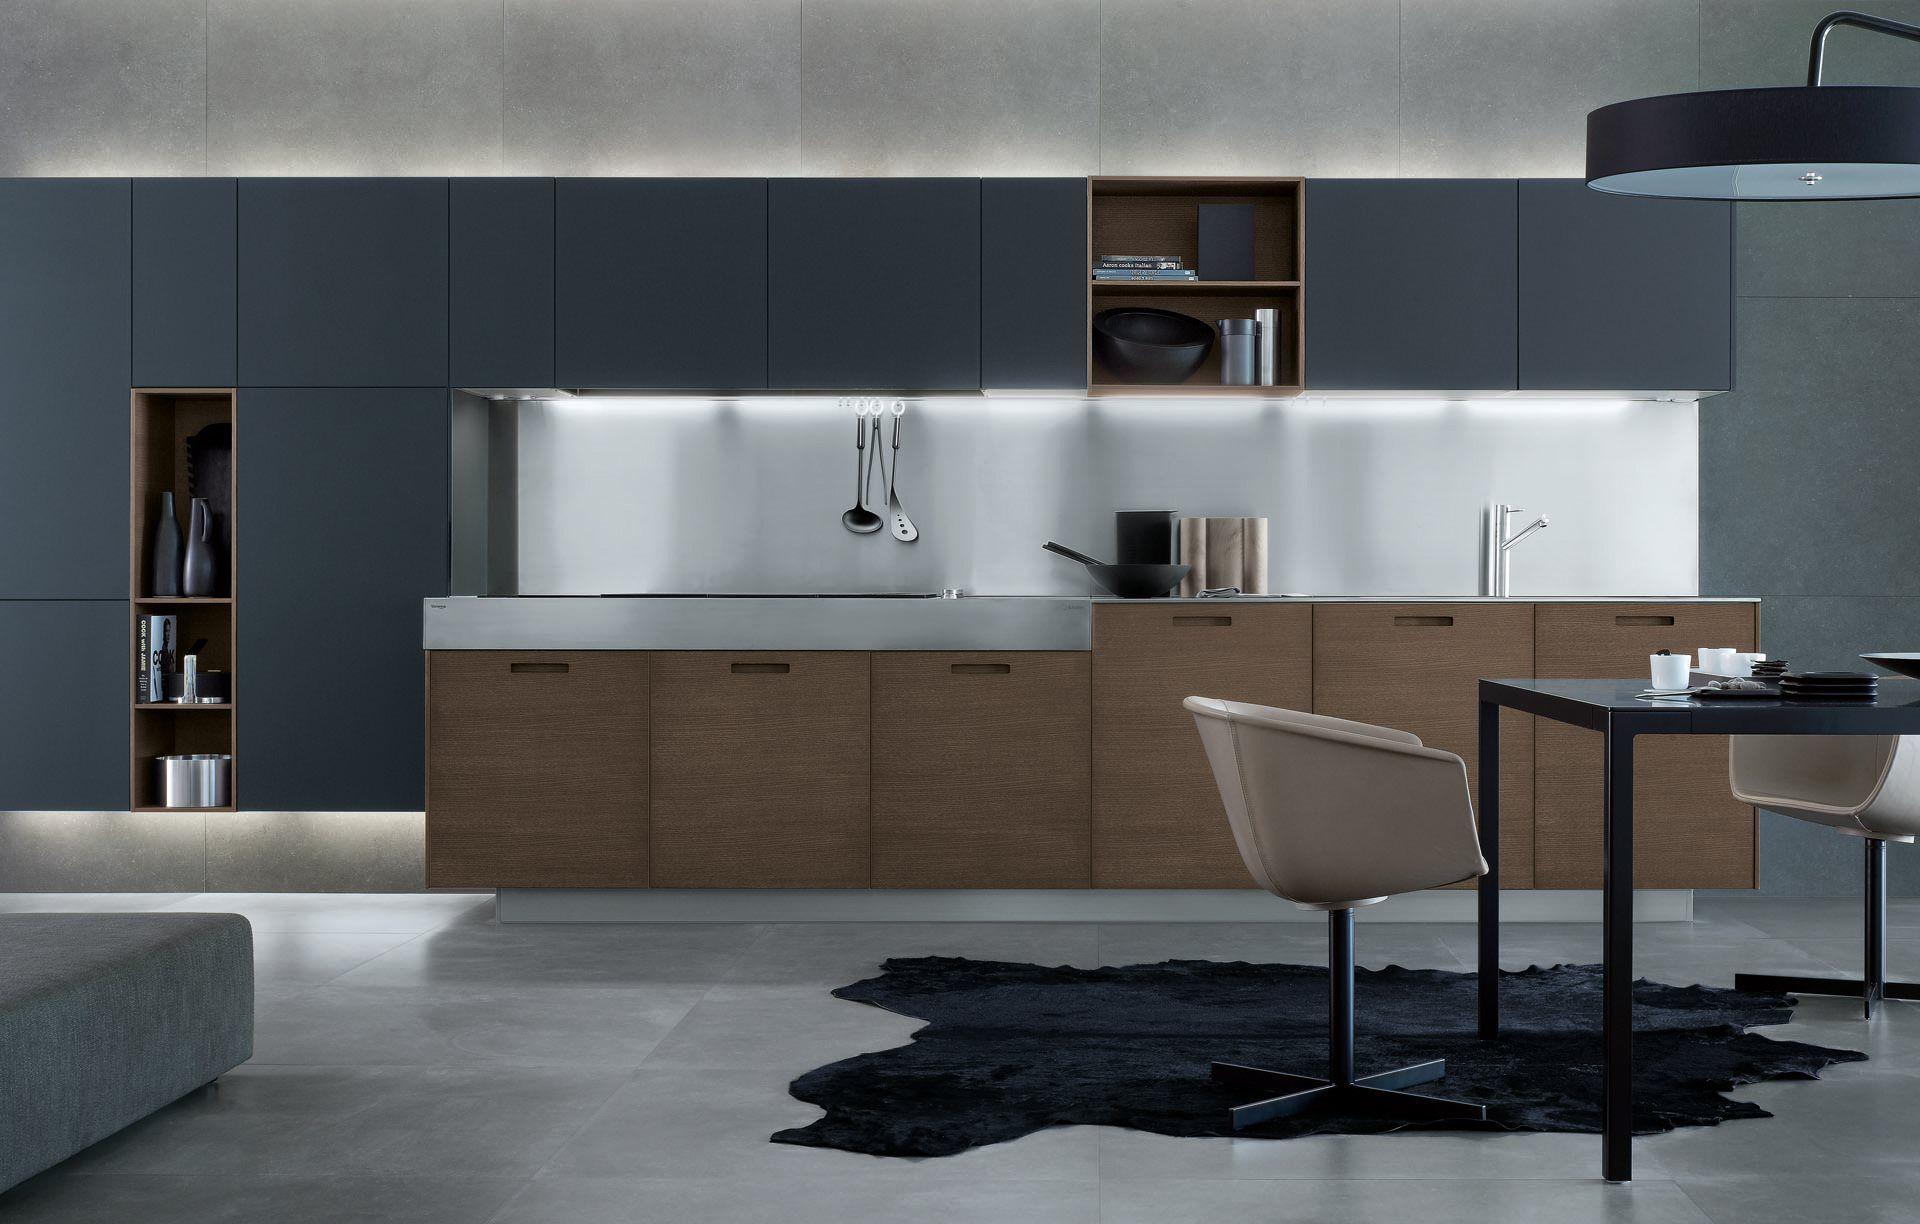 Varenna Küchen ~ Varenna küchen pinterest flats contemporary and kitchens